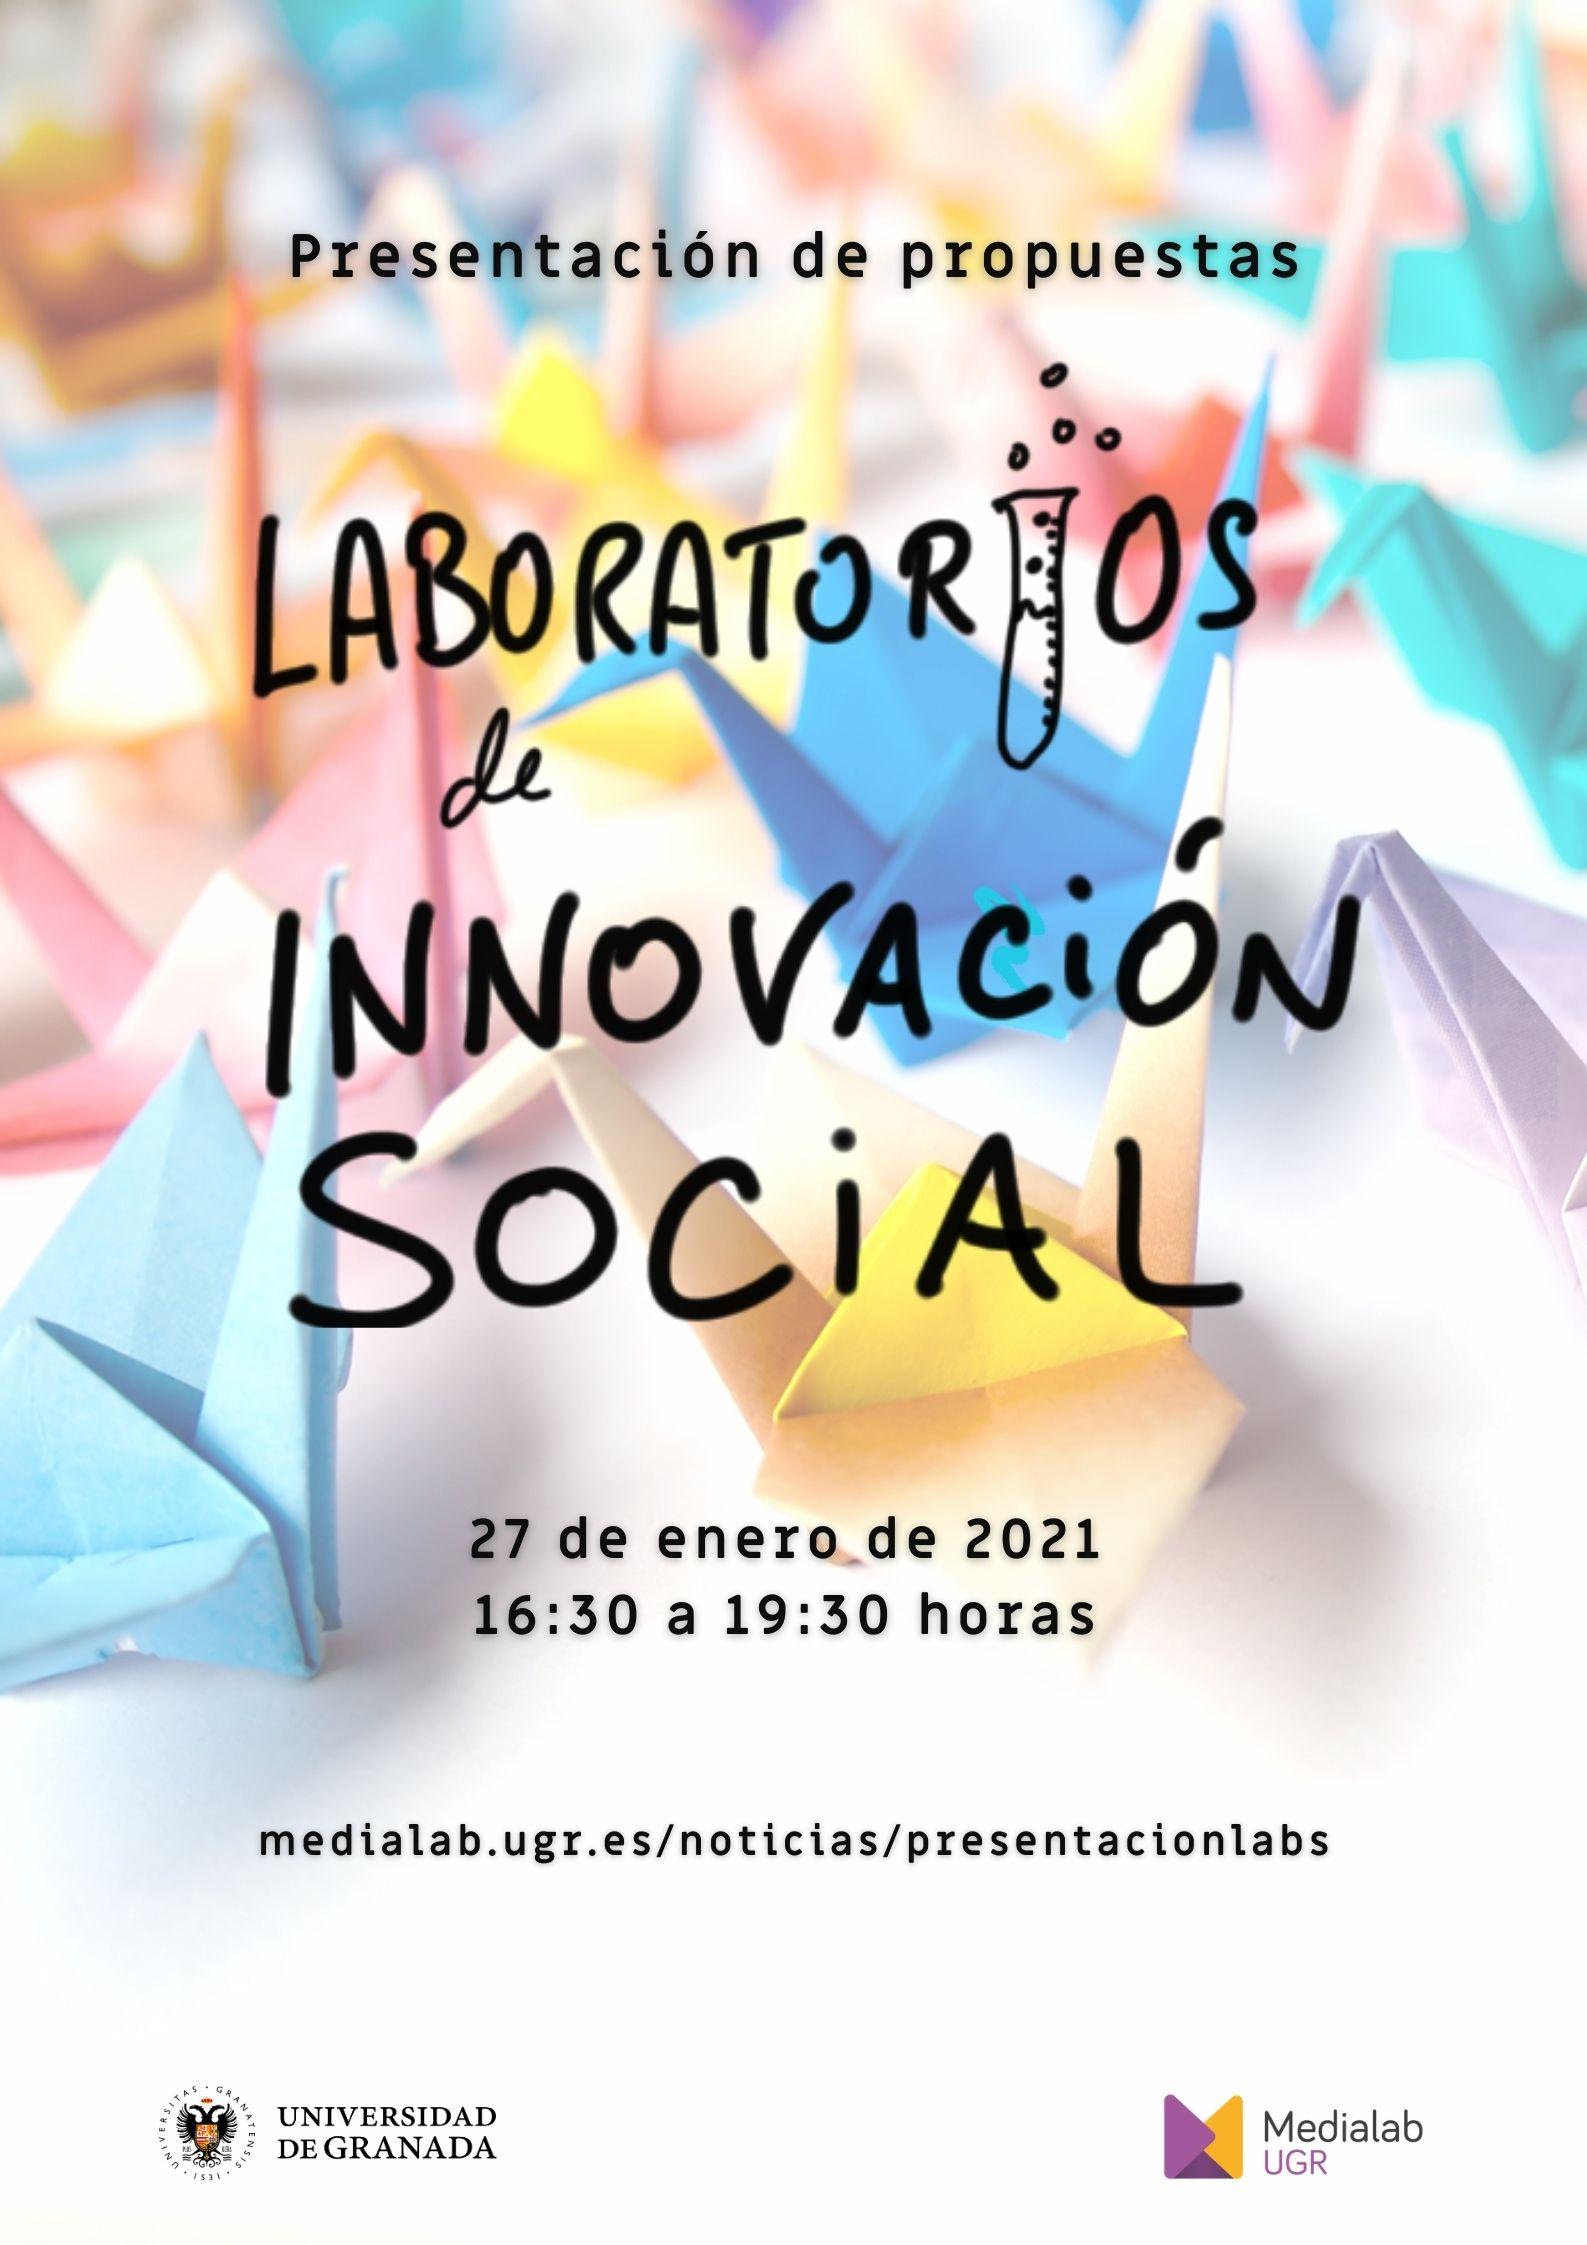 Jornada de presentación de propuestas de los Laboratorios de Innovación Social